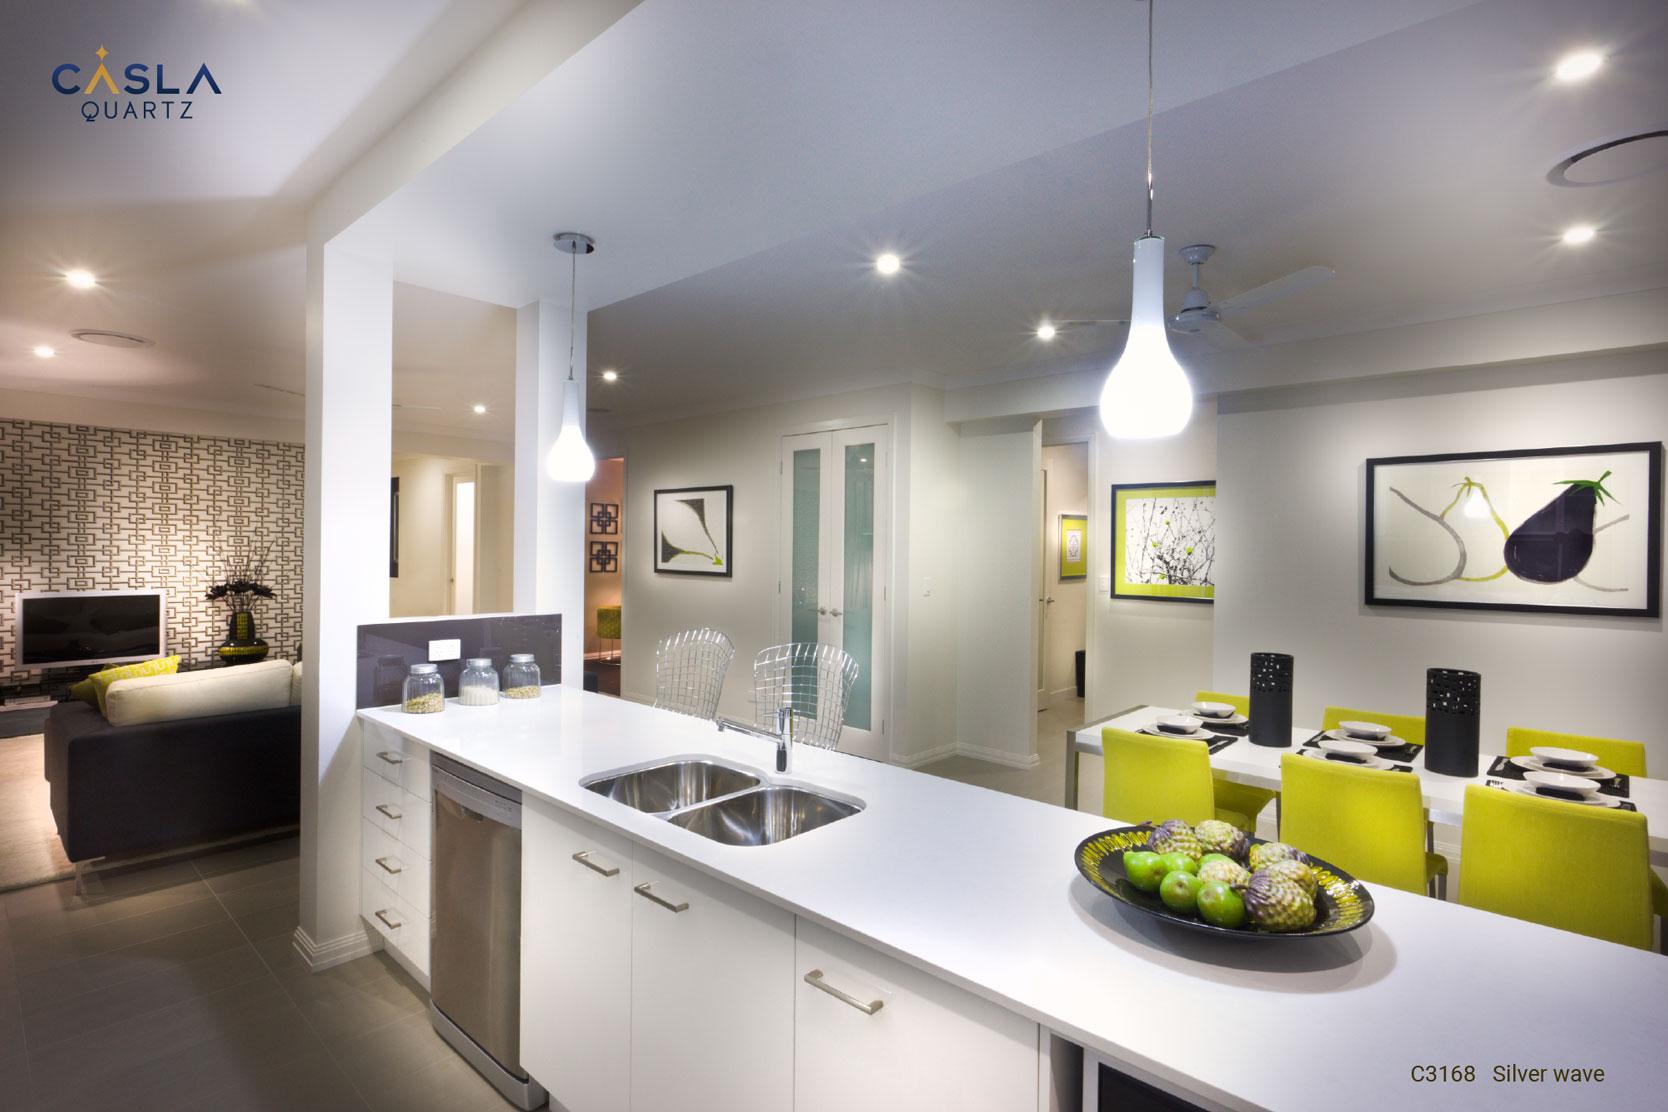 Đá thạch anh cao cấp Silver Wave ứng dụng rất an toàn, thân thiện và sang trọng tại khu vực bếp